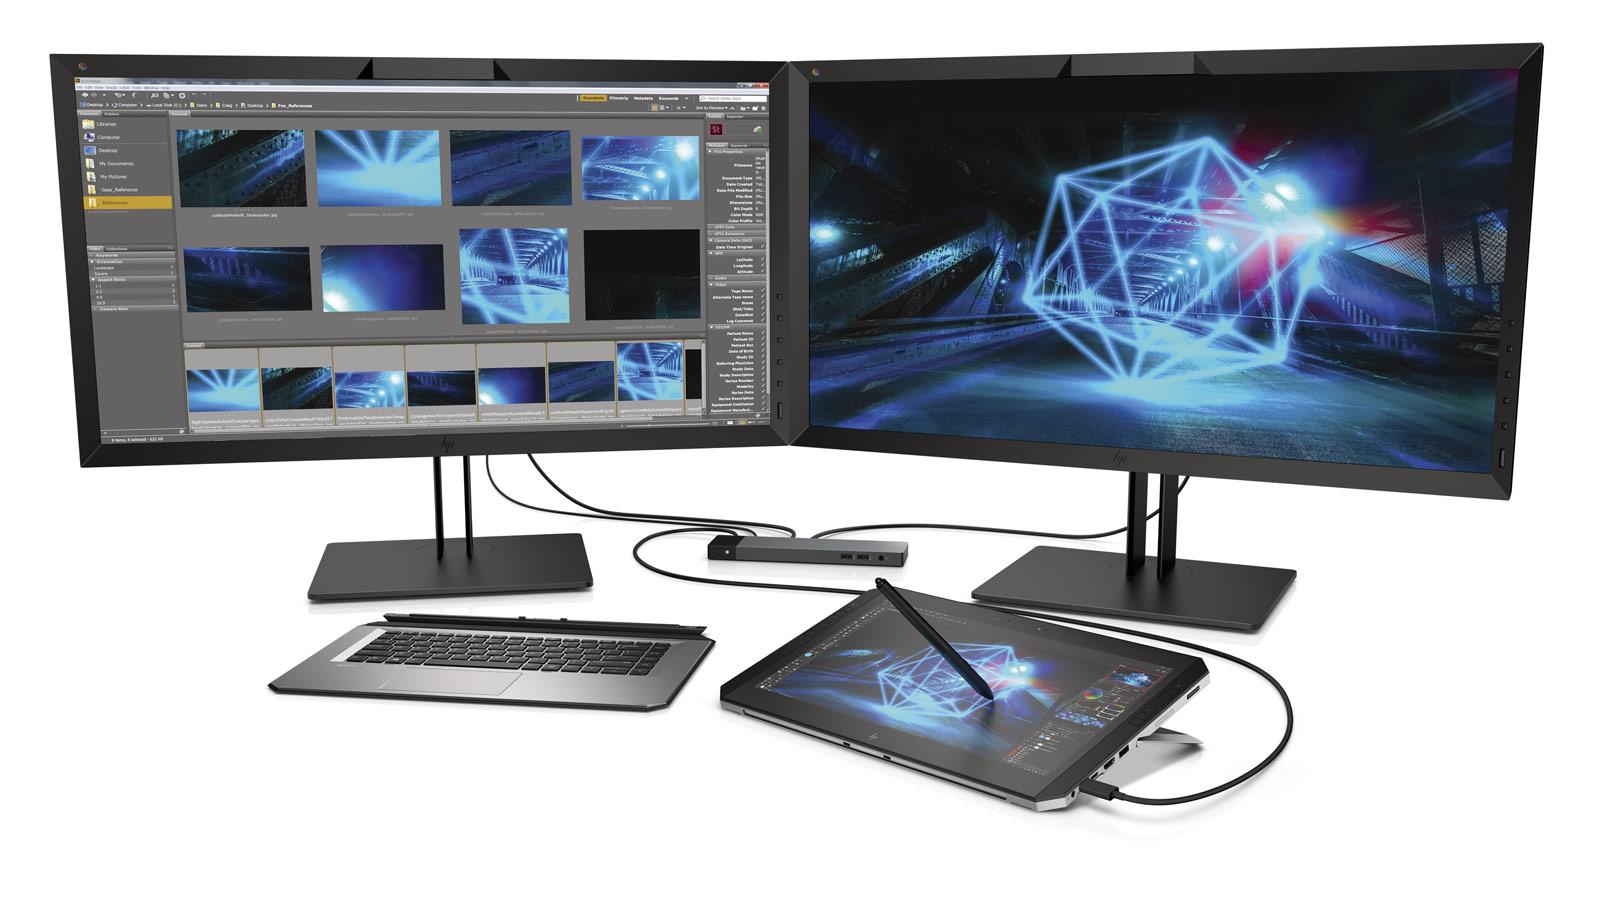 HP ZBook x2 conectado con otros dispositivos